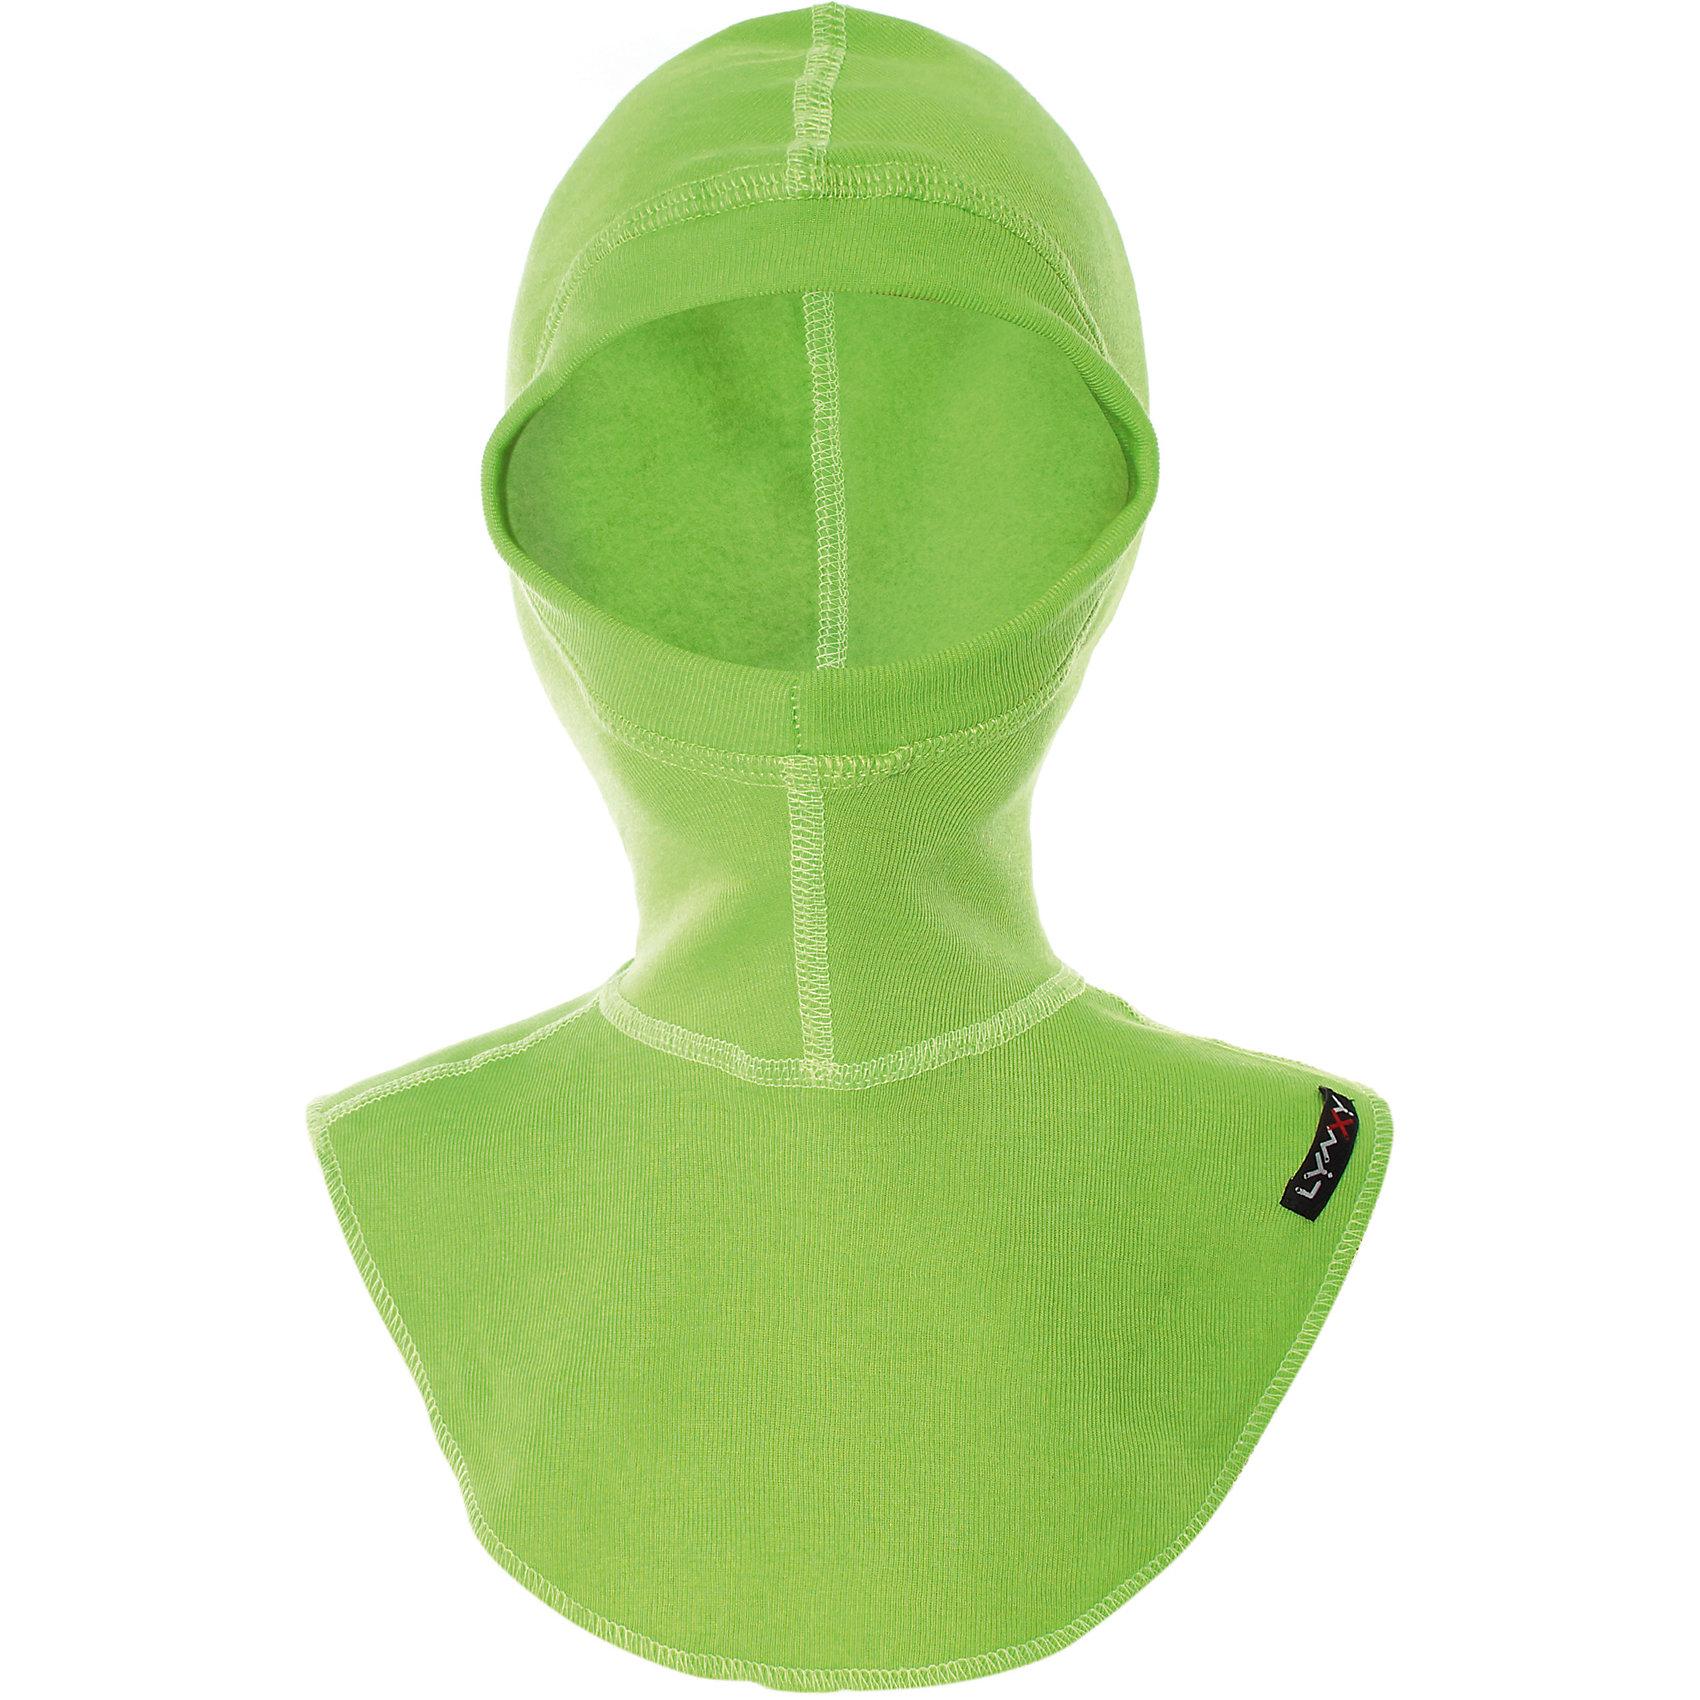 Шапка-шлем LynxyГоловные уборы<br>Детский подшлемник выполнен из мягкого термополотна Trevira с микроначесом с изнаночной стороны. Благодаря эластичному и мягкому полотну приятно к телу, плоские швы и эргономические лекала обеспечивают комфортное прилегание изделия. Идеально сохраняет тепло и выводит влагу, позволяя коже оставаться сухой. Благодаря присутствию ионов серебра в структуре полотна, имеет противомикробные свойства. Идеально подходит для длительных прогулок и активных занятий спортом в холодное время года до - 30 градусов. Рекомендуется деликатная машинная стирка при температуре 40 градусов без предварительного замачивания.<br>Состав:<br>полиэстер 95%, вискоза 5%<br><br>Ширина мм: 89<br>Глубина мм: 117<br>Высота мм: 44<br>Вес г: 155<br>Цвет: зеленый<br>Возраст от месяцев: 96<br>Возраст до месяцев: 120<br>Пол: Унисекс<br>Возраст: Детский<br>Размер: 56,52,54<br>SKU: 7079782